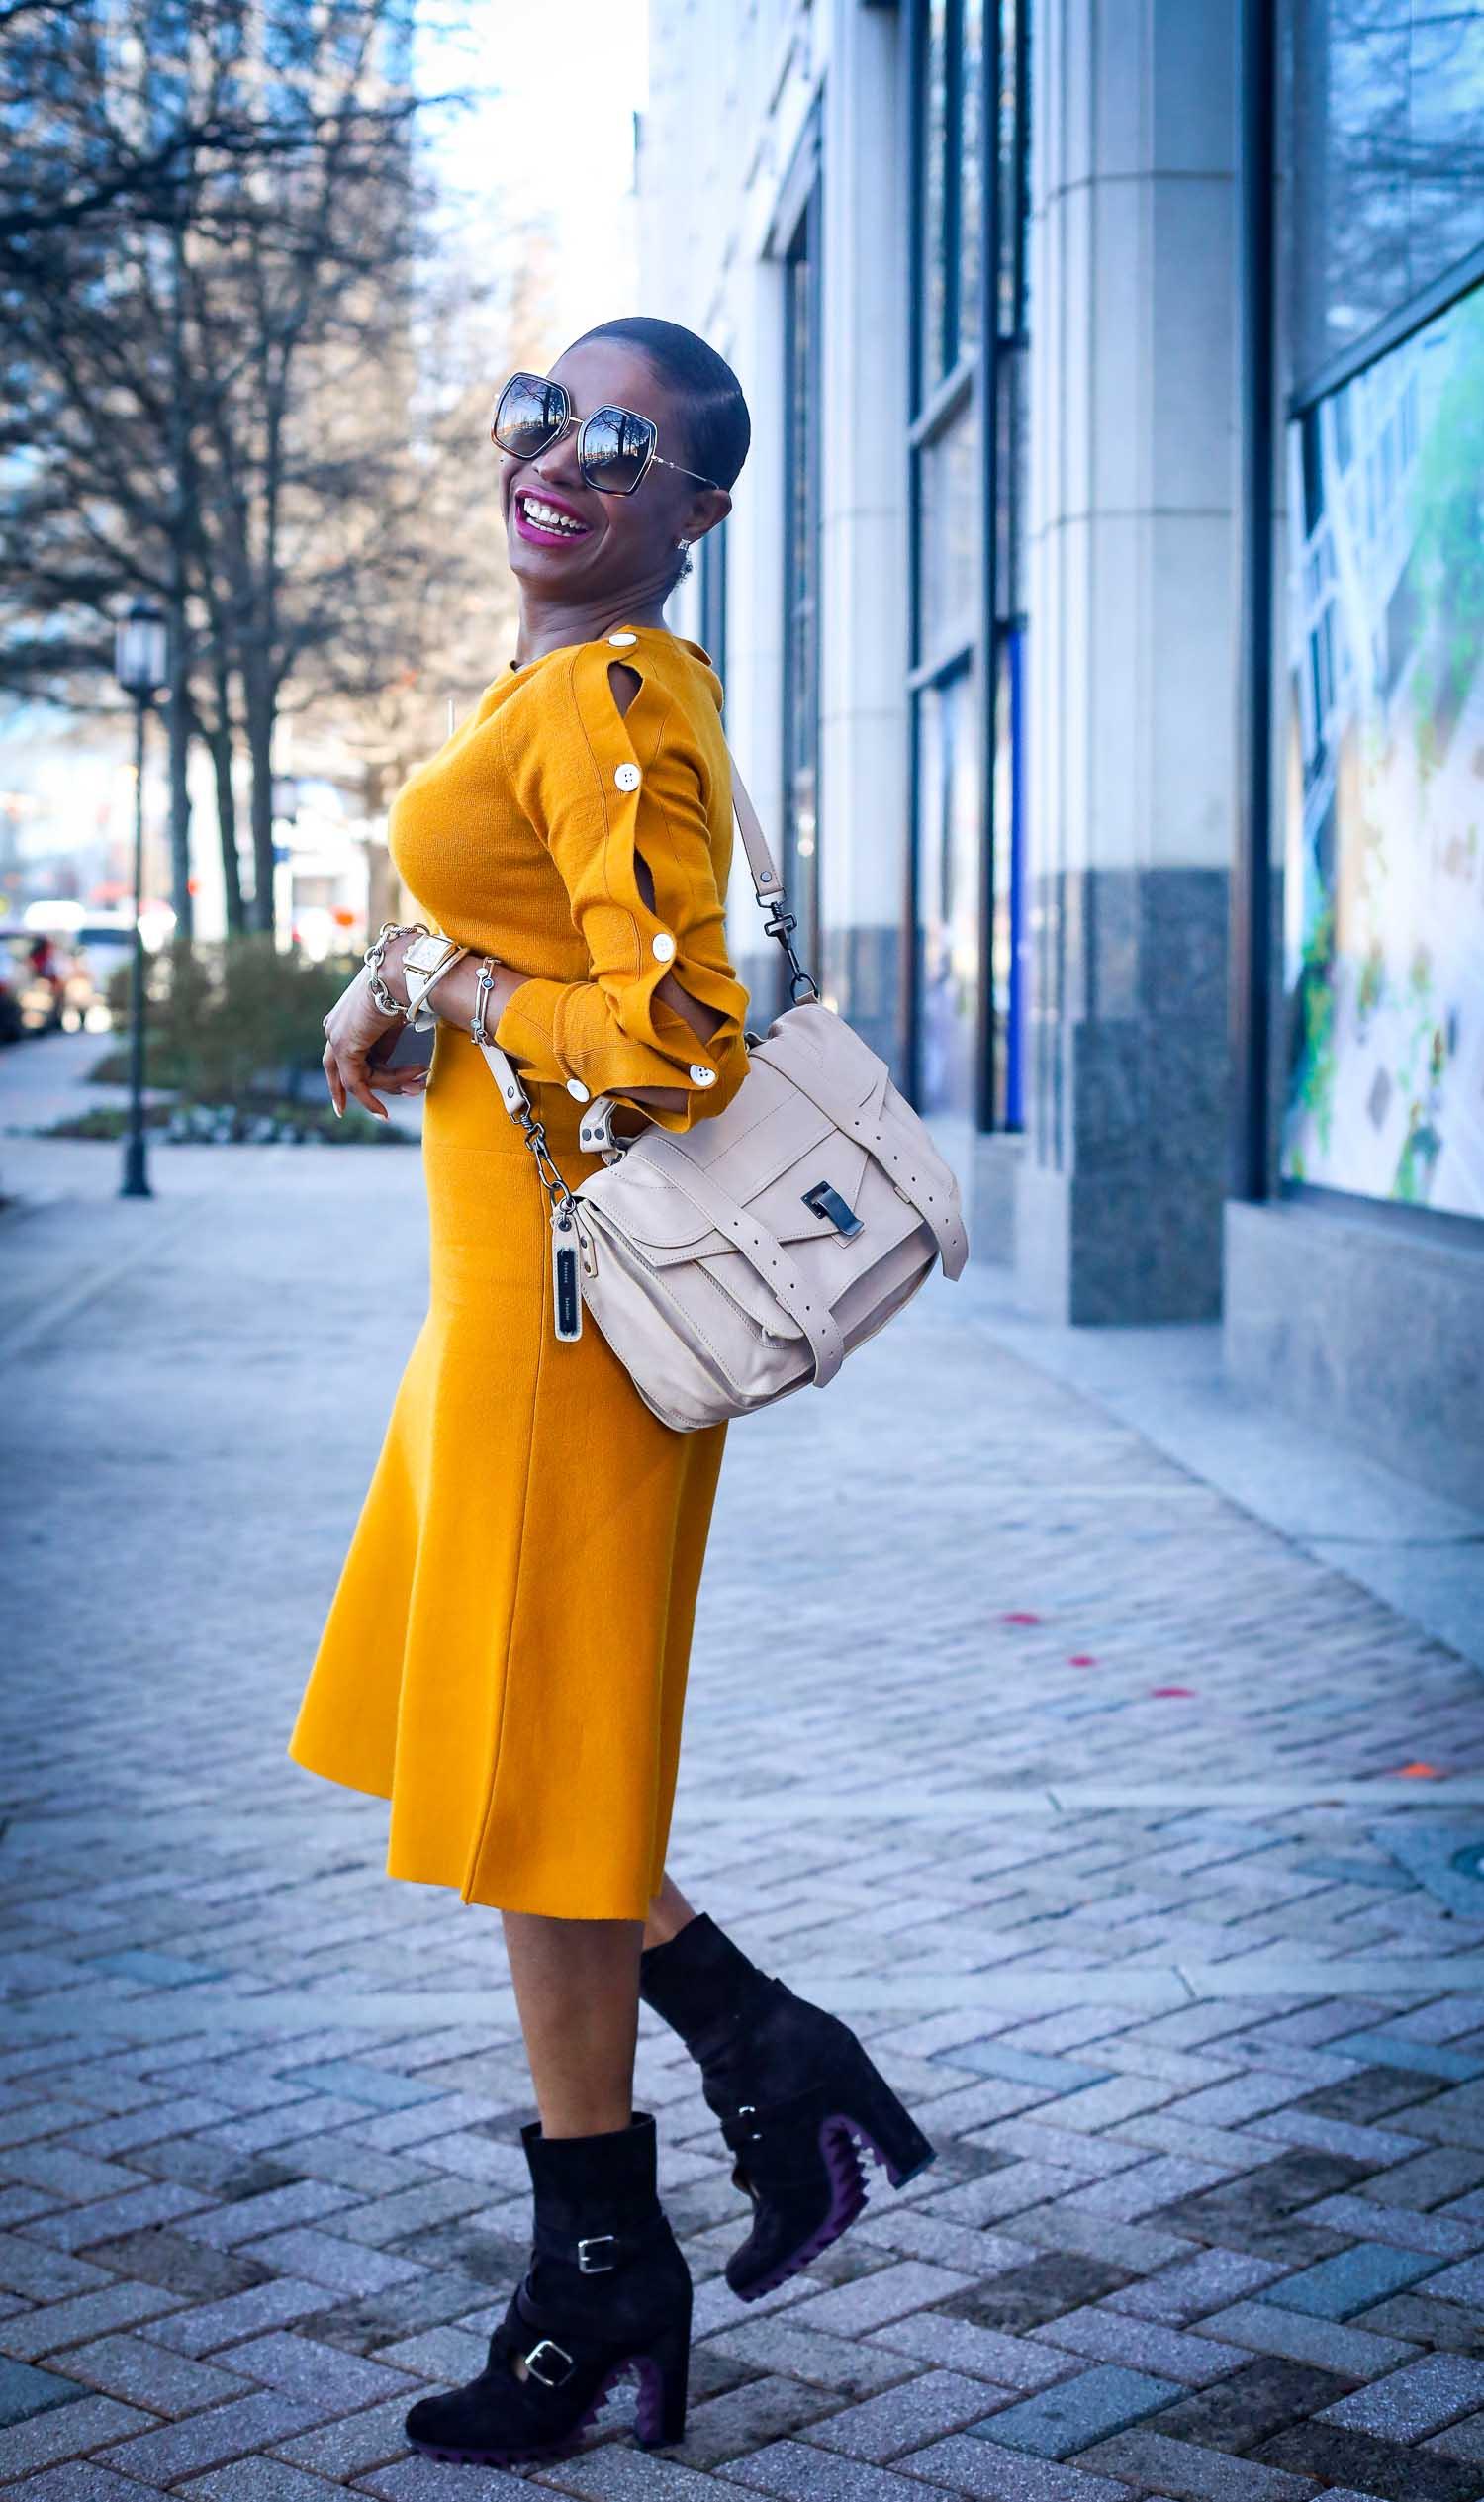 mustard yellow knits